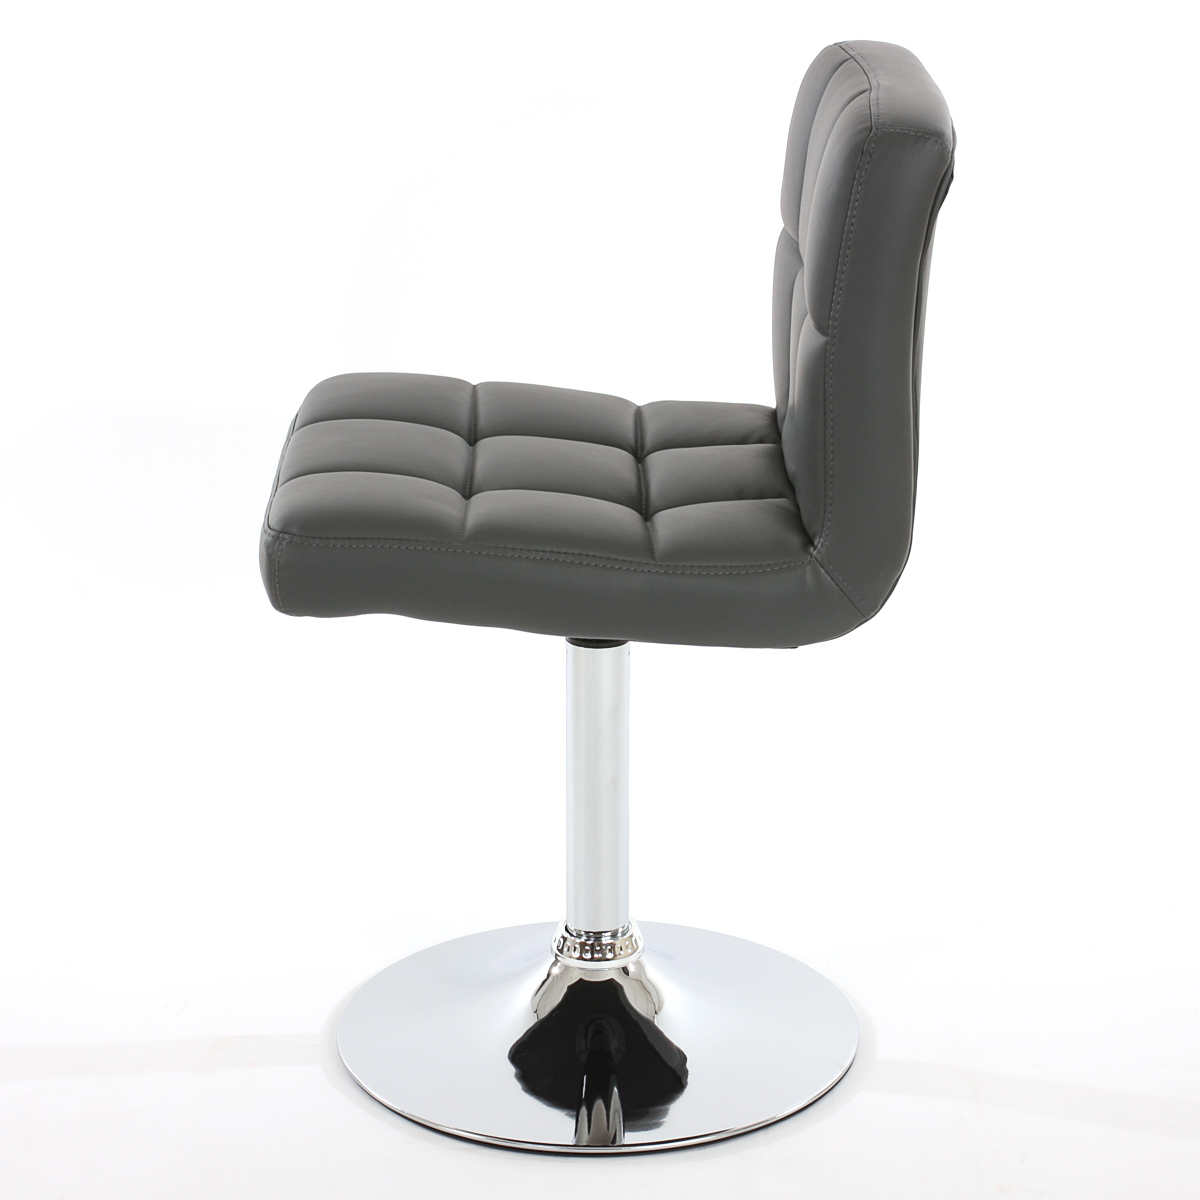 schwarz creme weiß grau braun 2x Esszimmerstuhl Drehstuhl Kavala Kunstleder